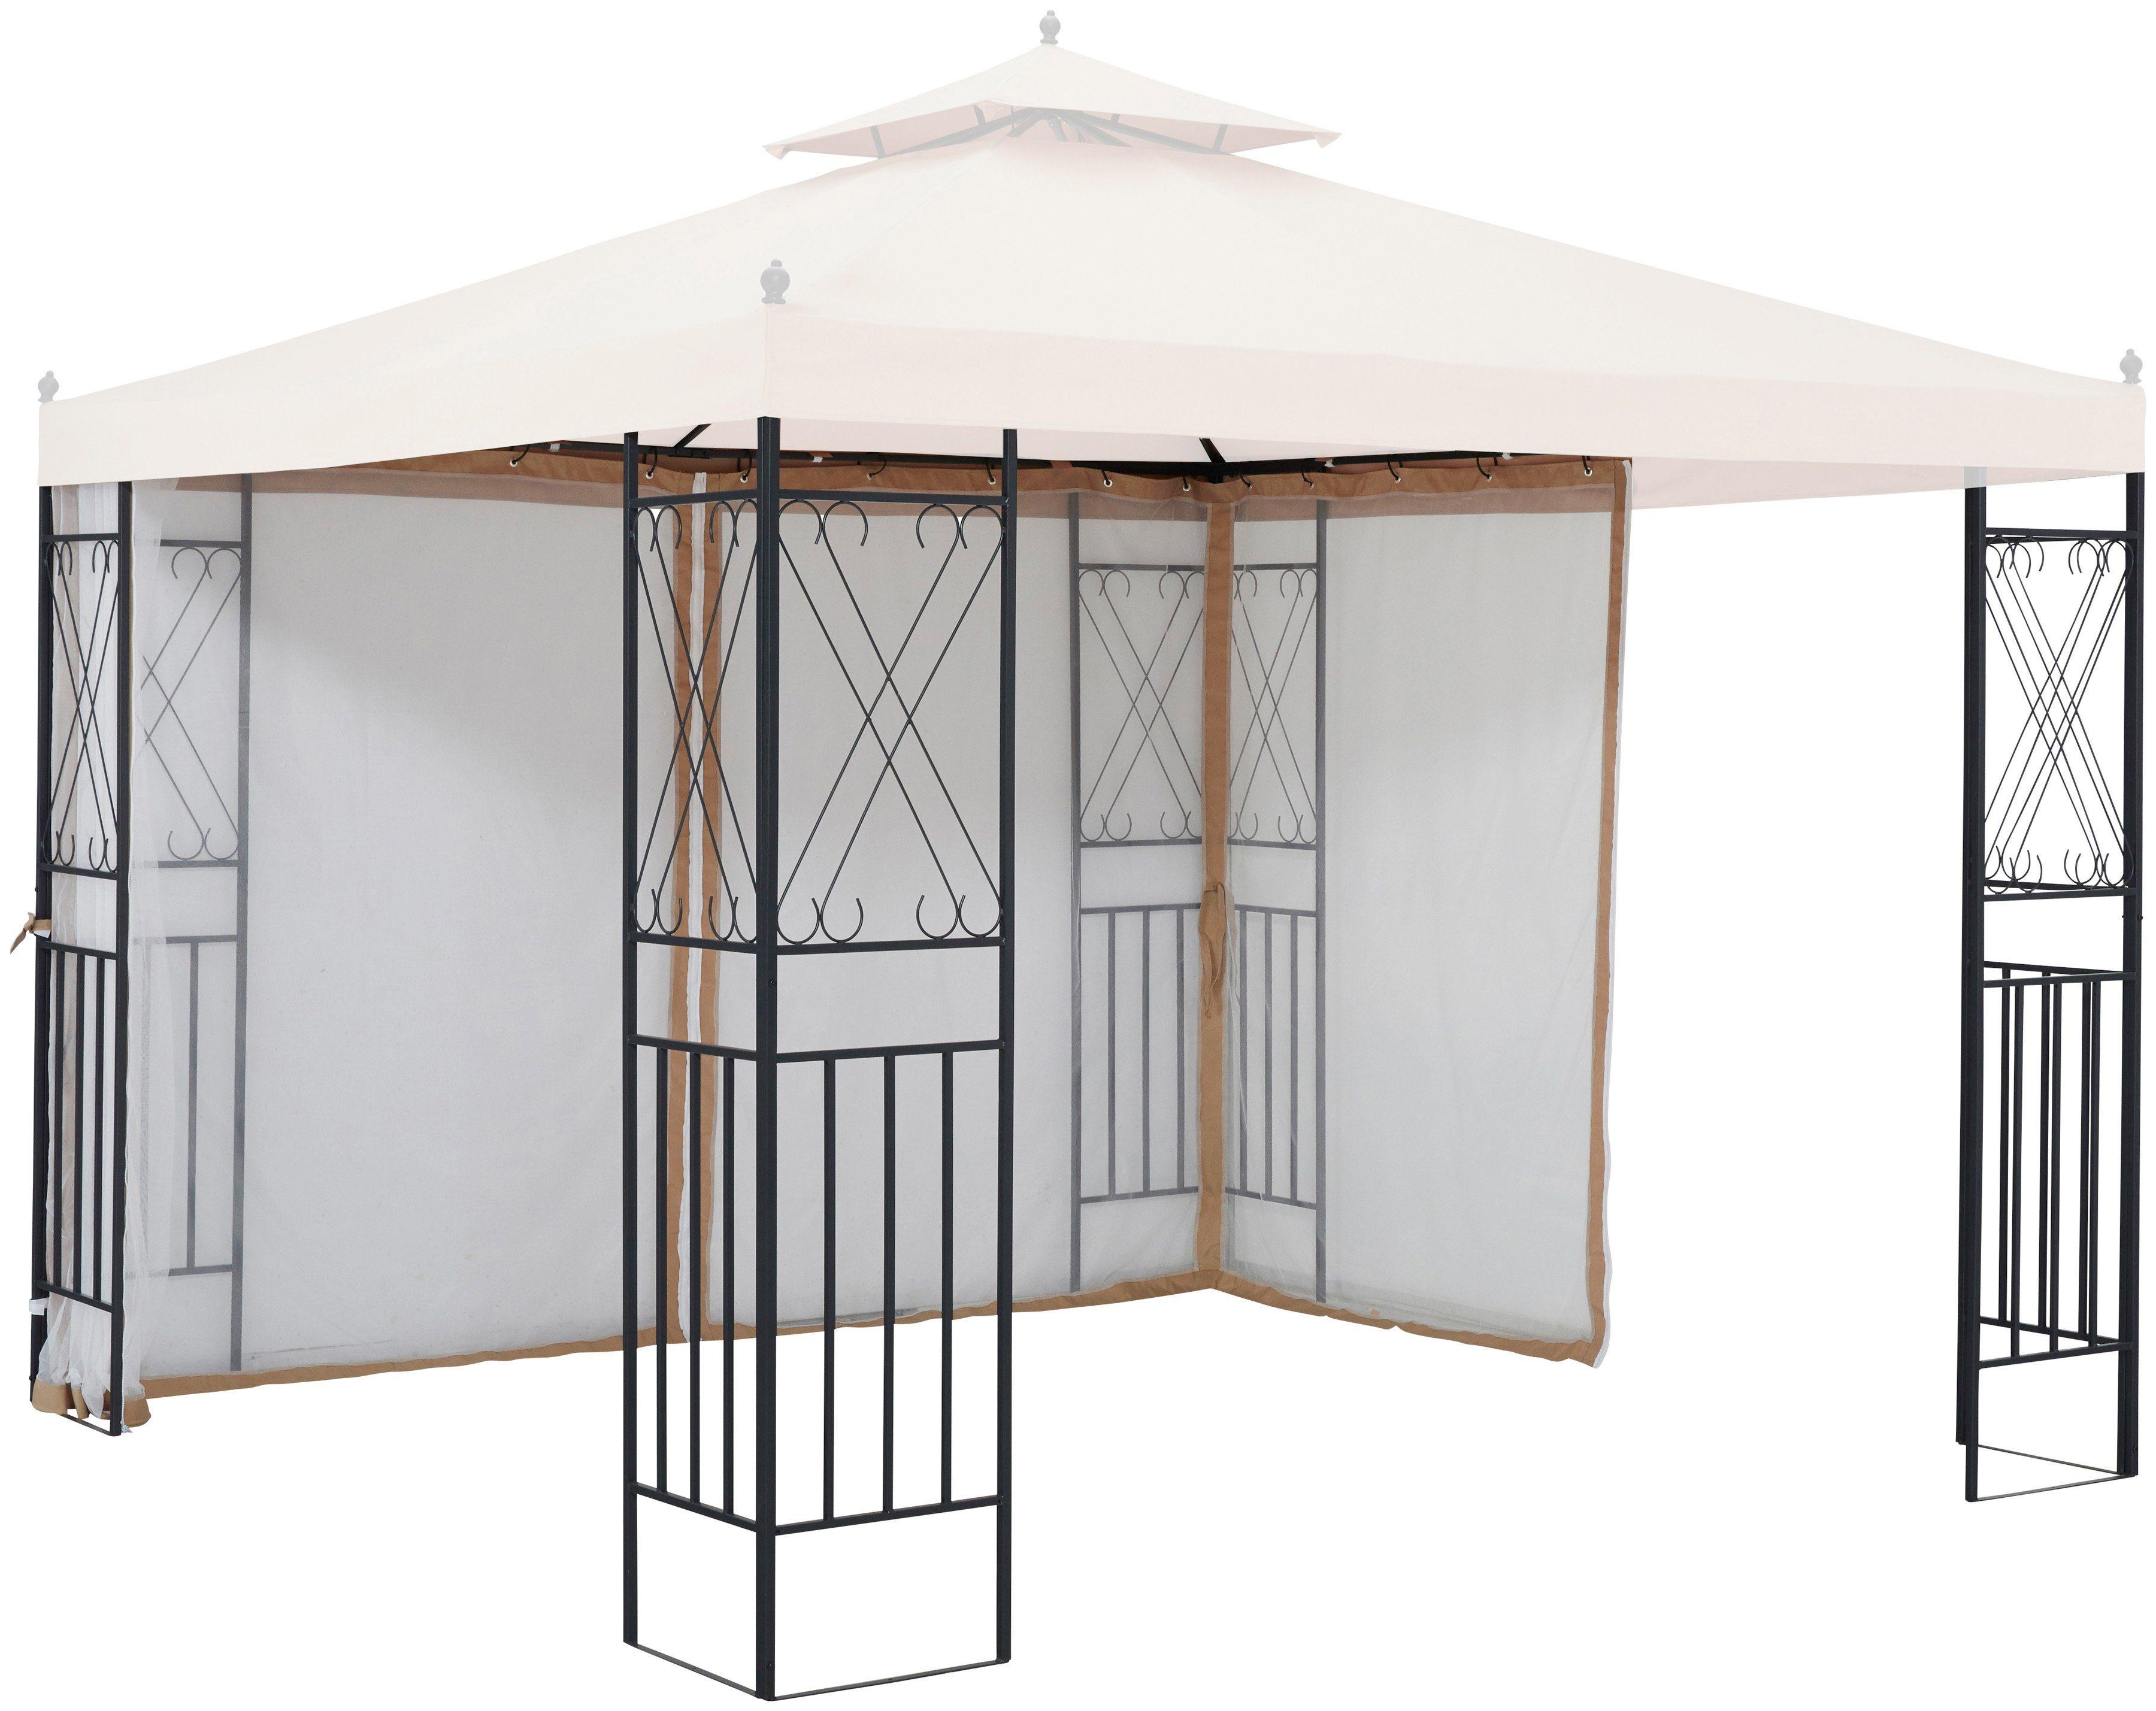 Seitenteile für Pavillon »Royal«, für 3x3 m, 2 Stk., mit Moskitonetz